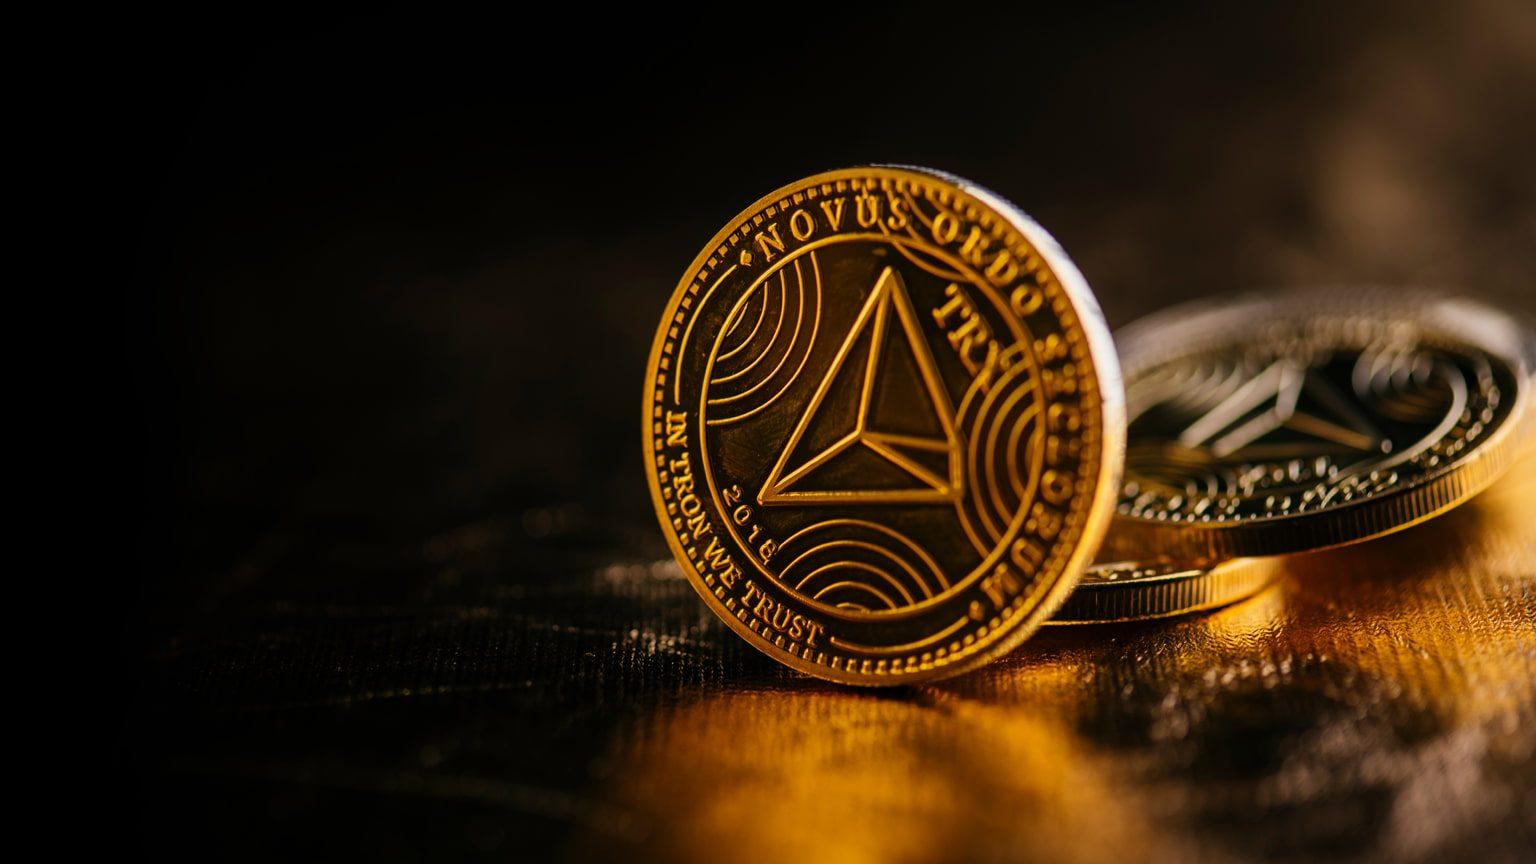 Closeup of golden Tron coin